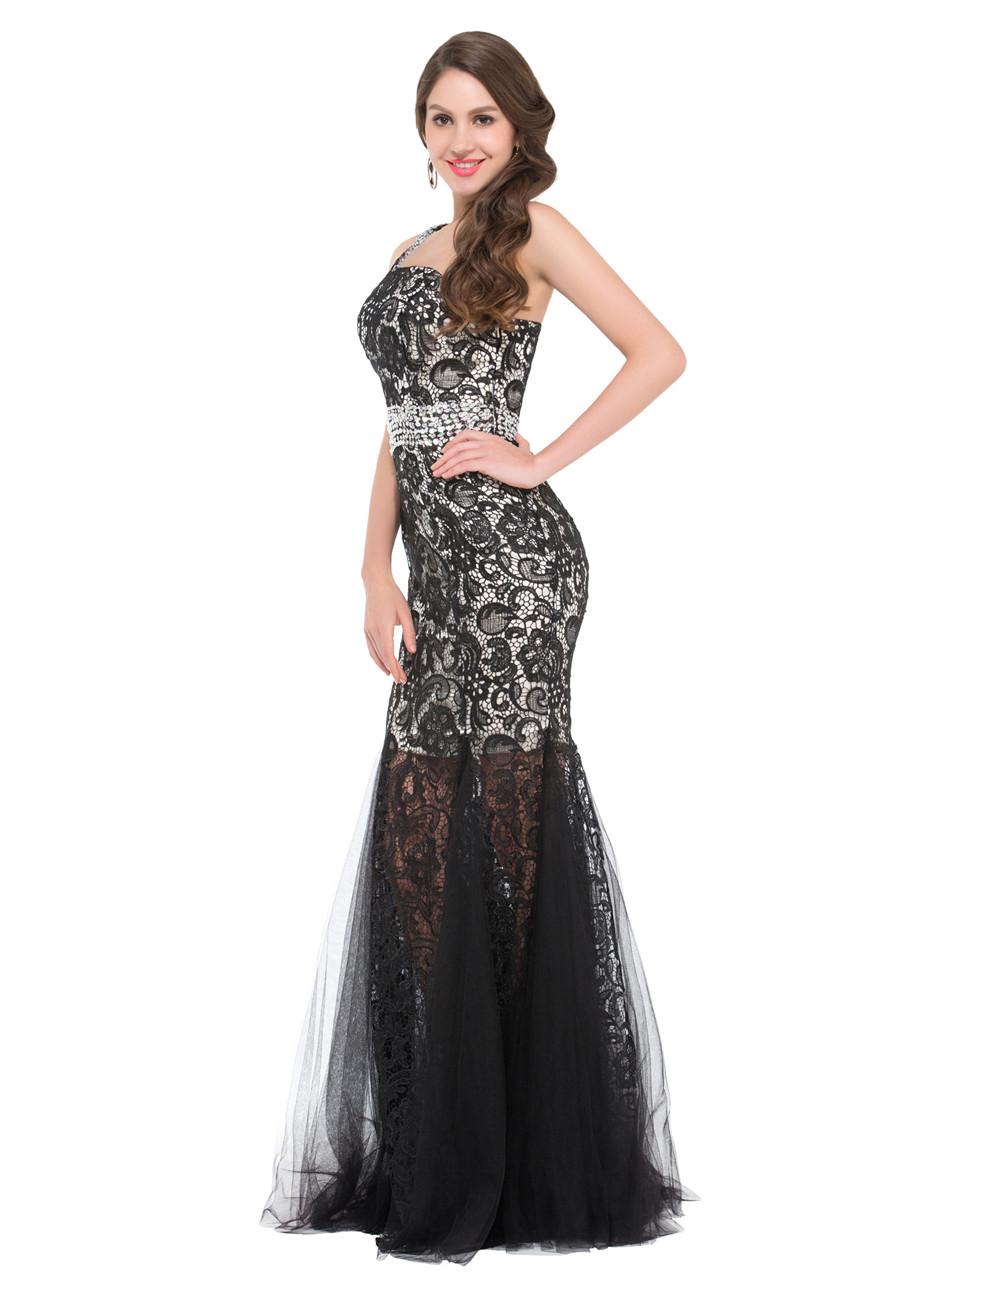 2016 En Şık Nişan Elbiseleri 2-color-long-Evening-dresses-2016-One-Shoulder-black-long-mermaid-formal-dress-Lace-Tulle-Engagement